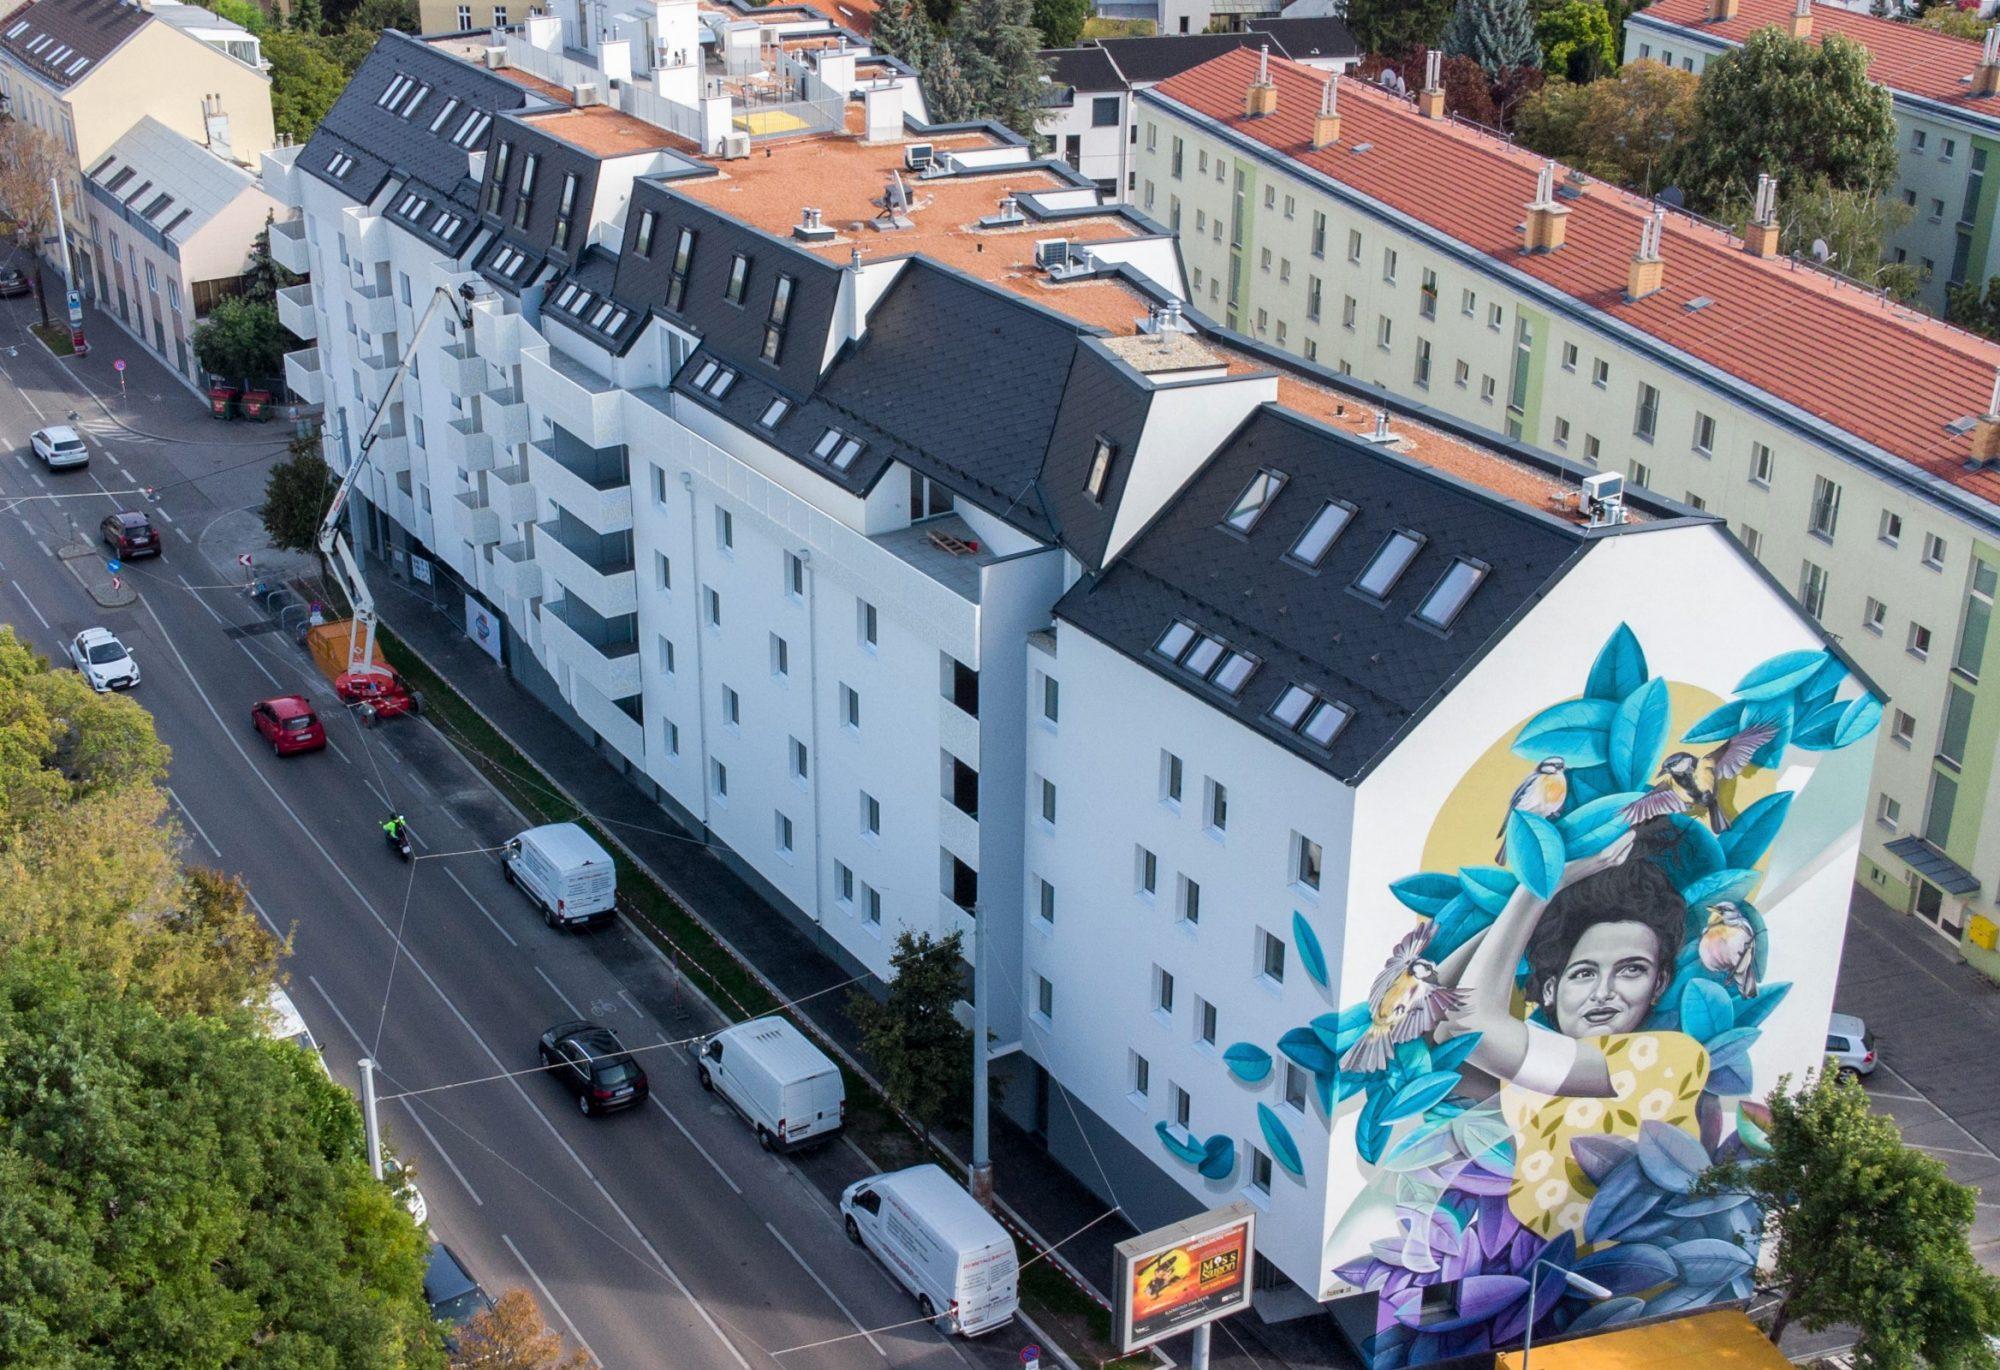 Urban Art in Floridsdorf: In der Leopoldauer Straße hat DIE WOHNKOMPANIE das Künstlerduo twooo mit der Gestaltung eines Murals für die Feuermauer des Gebäudes beauftragt. Bild: Wohnkompanie.